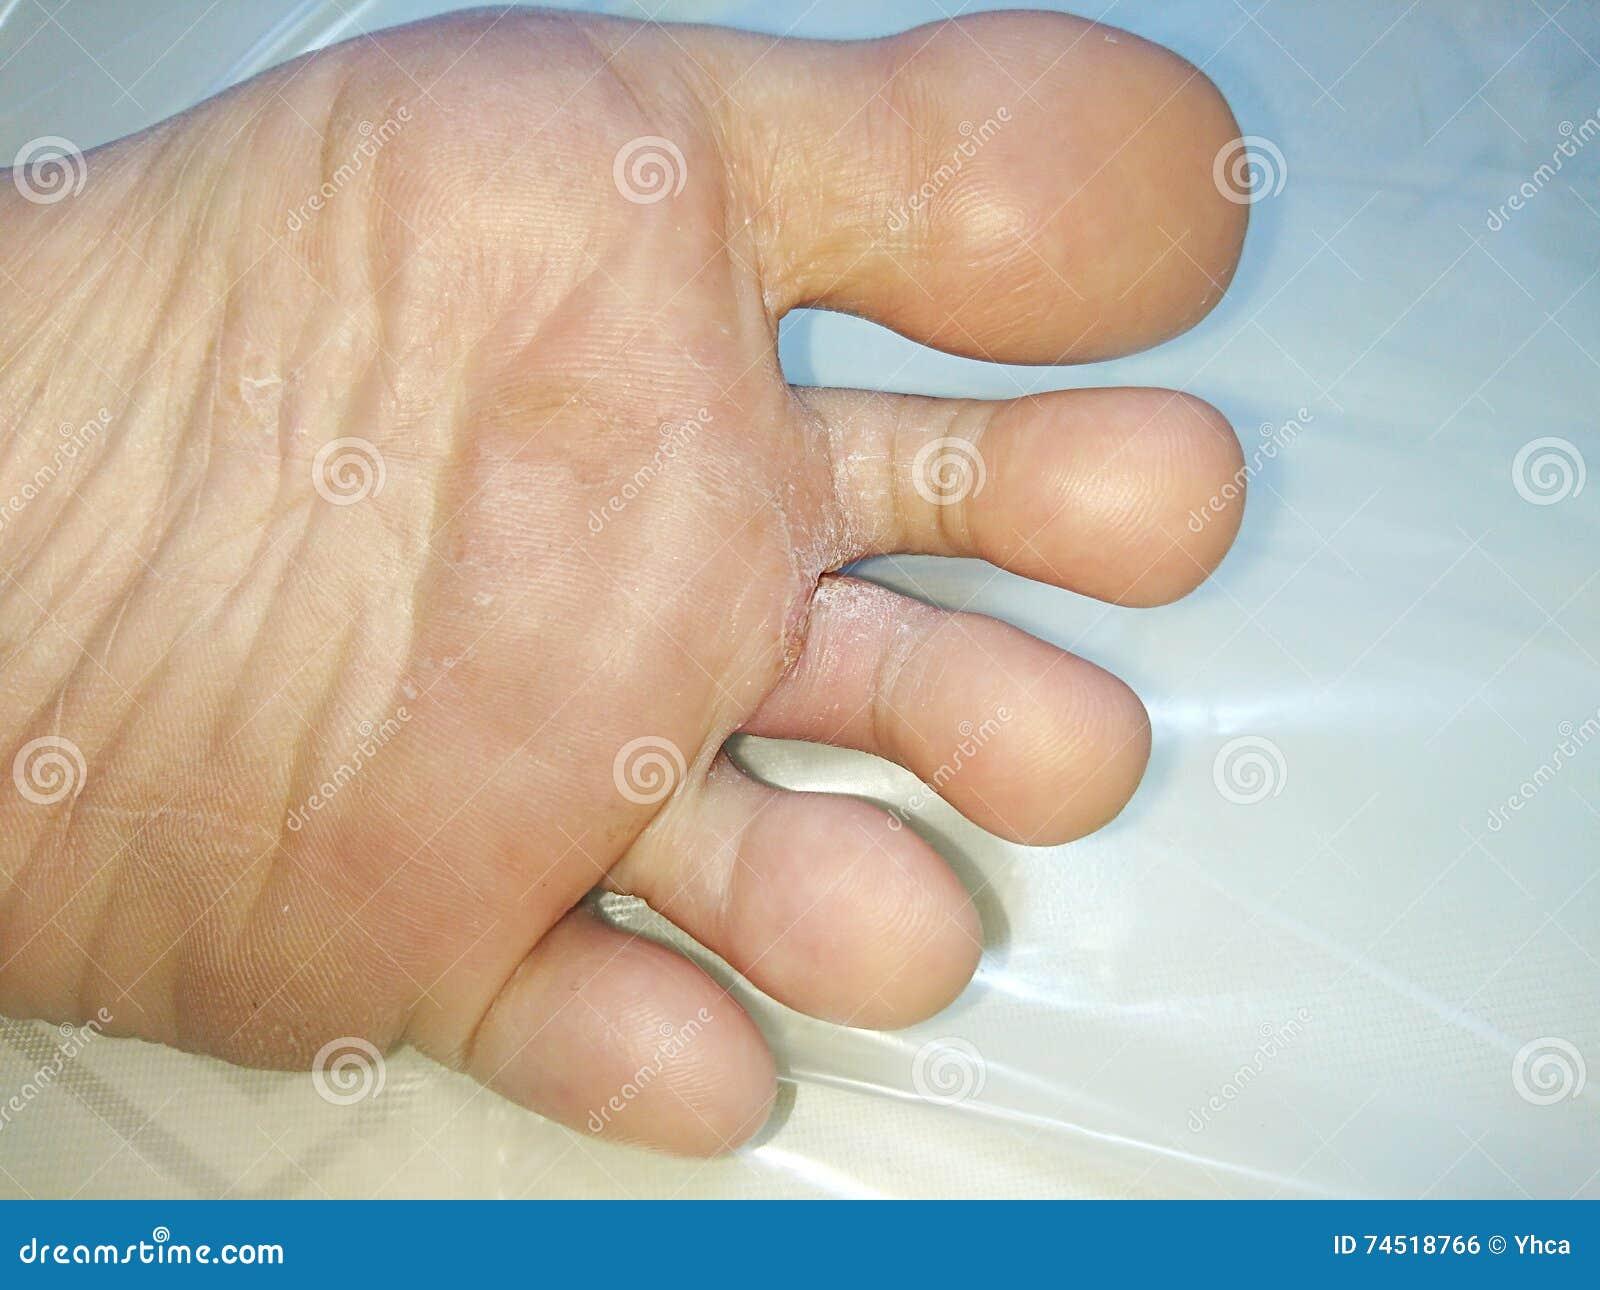 Fungi Infection Stock Photo - Image: 74518766